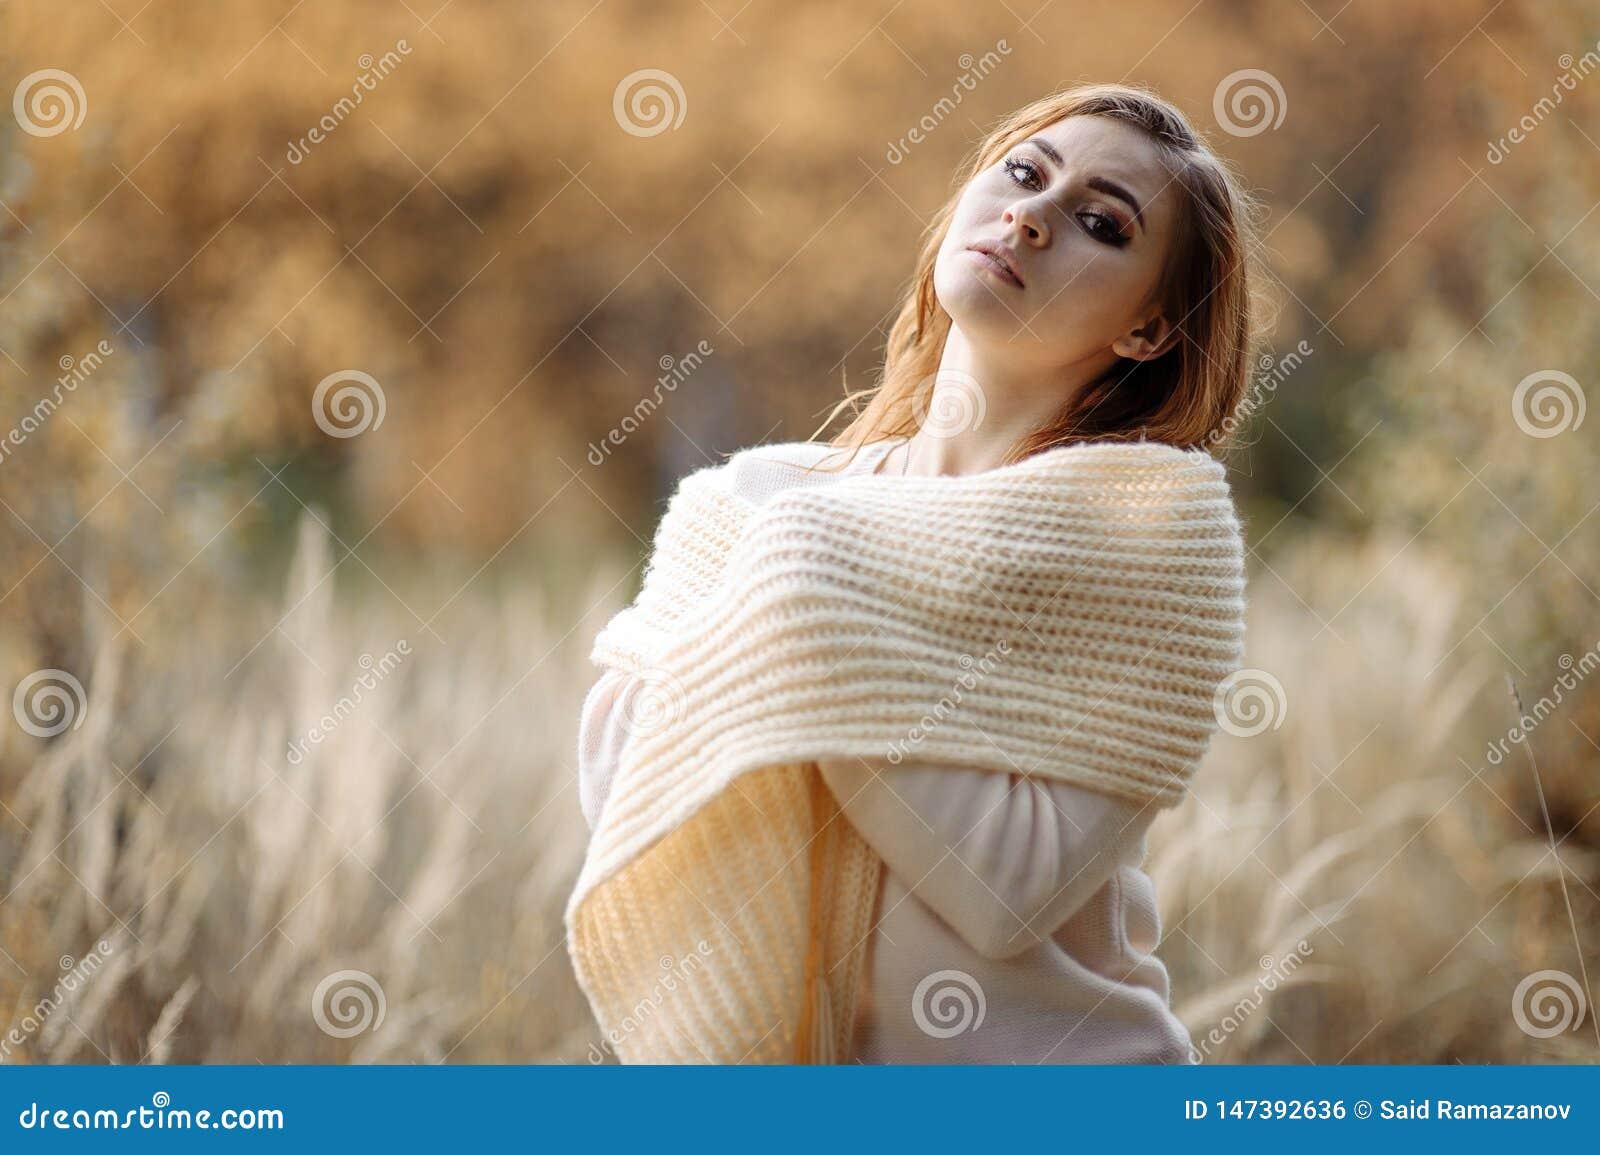 Κοκκινομάλλες κορίτσι στα ελαφριά ενδύματα στα πλαίσια των δασικών και κίτρινων αυτιών φθινοπώρου